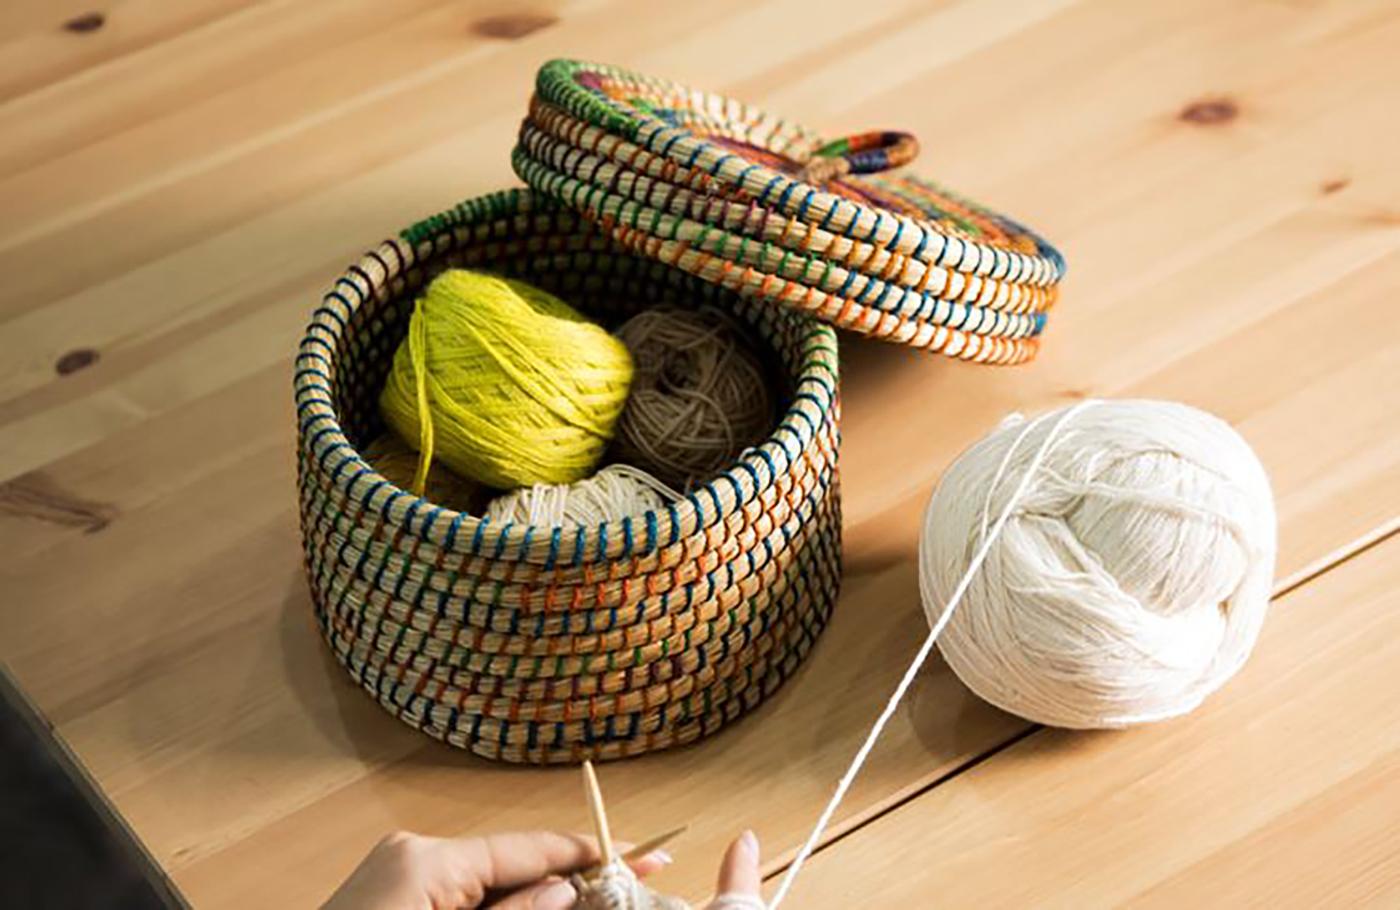 미니 바스켓/아시아 여성 생산자가 직접 꼬아 만든 튼튼한 뚜껑 바스켓(블루) 상세이미지2